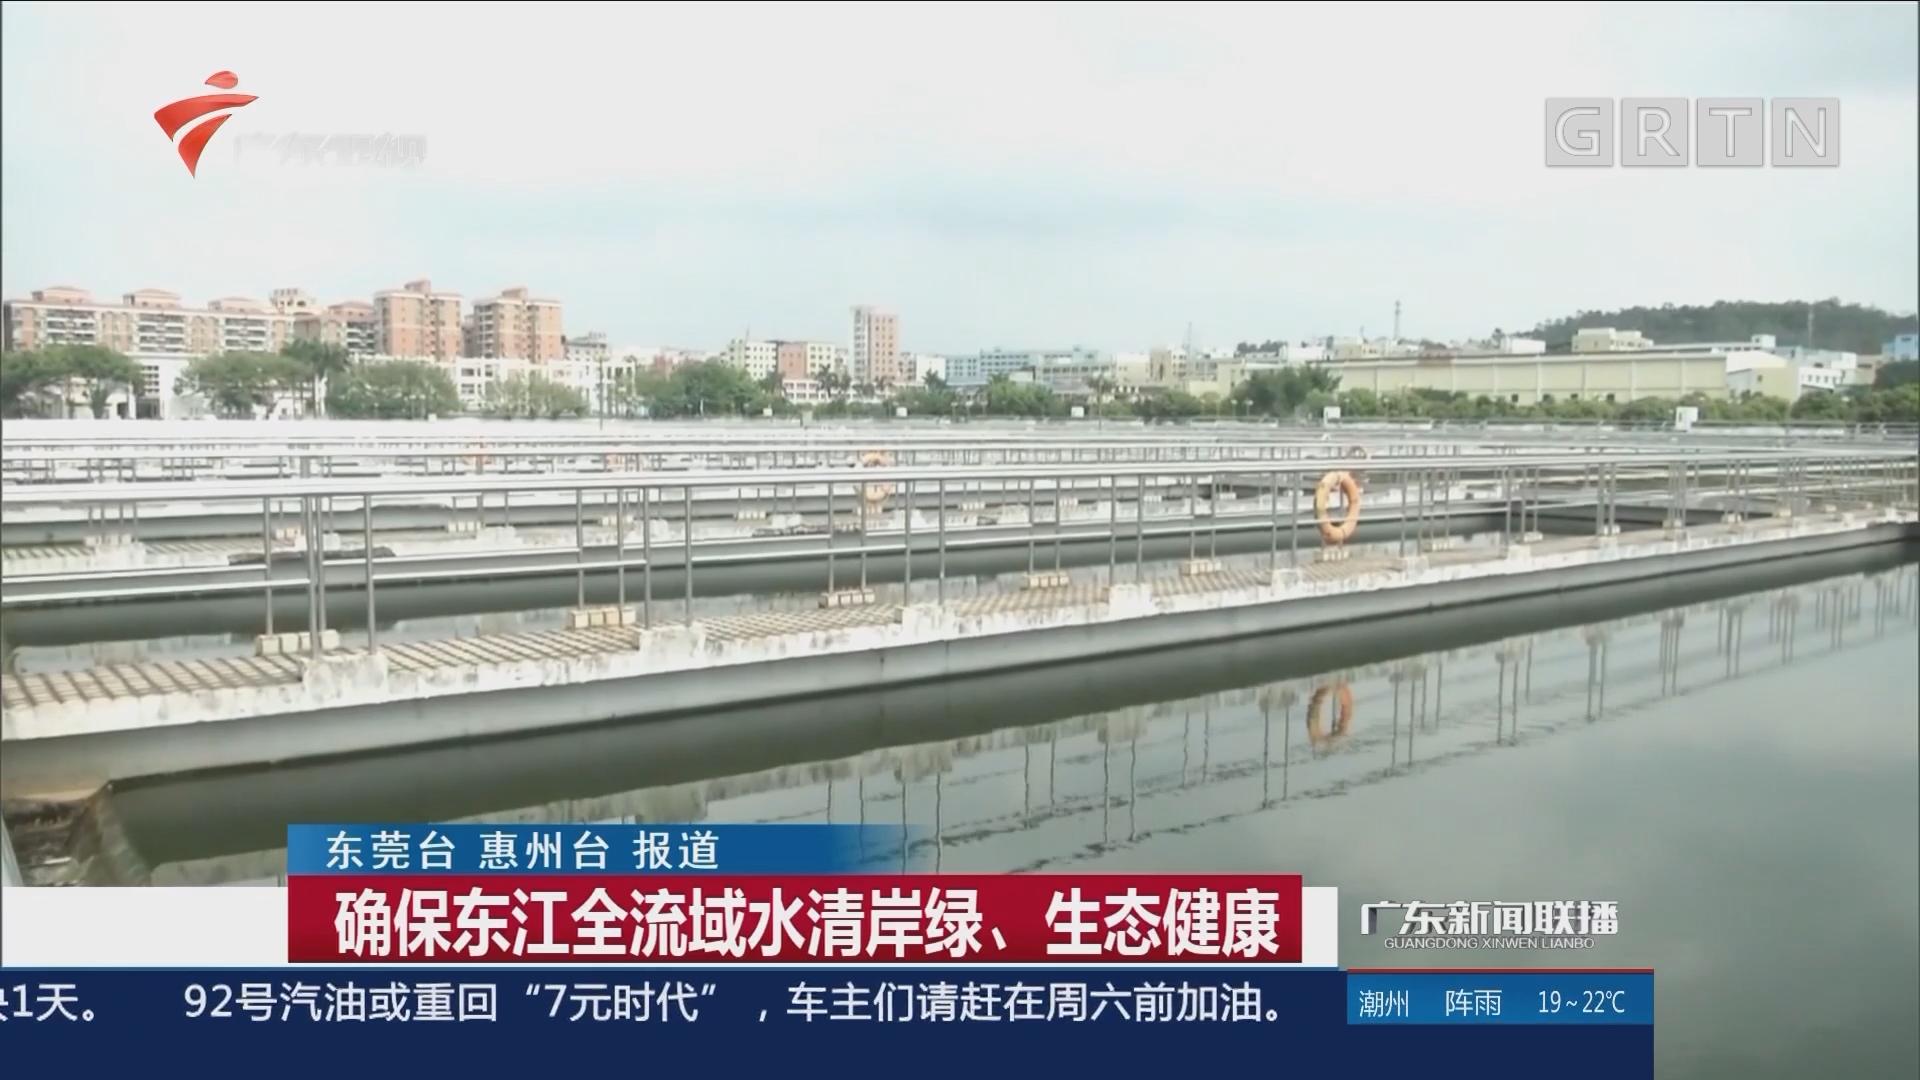 确保东江全流域水清岸绿、生态健康